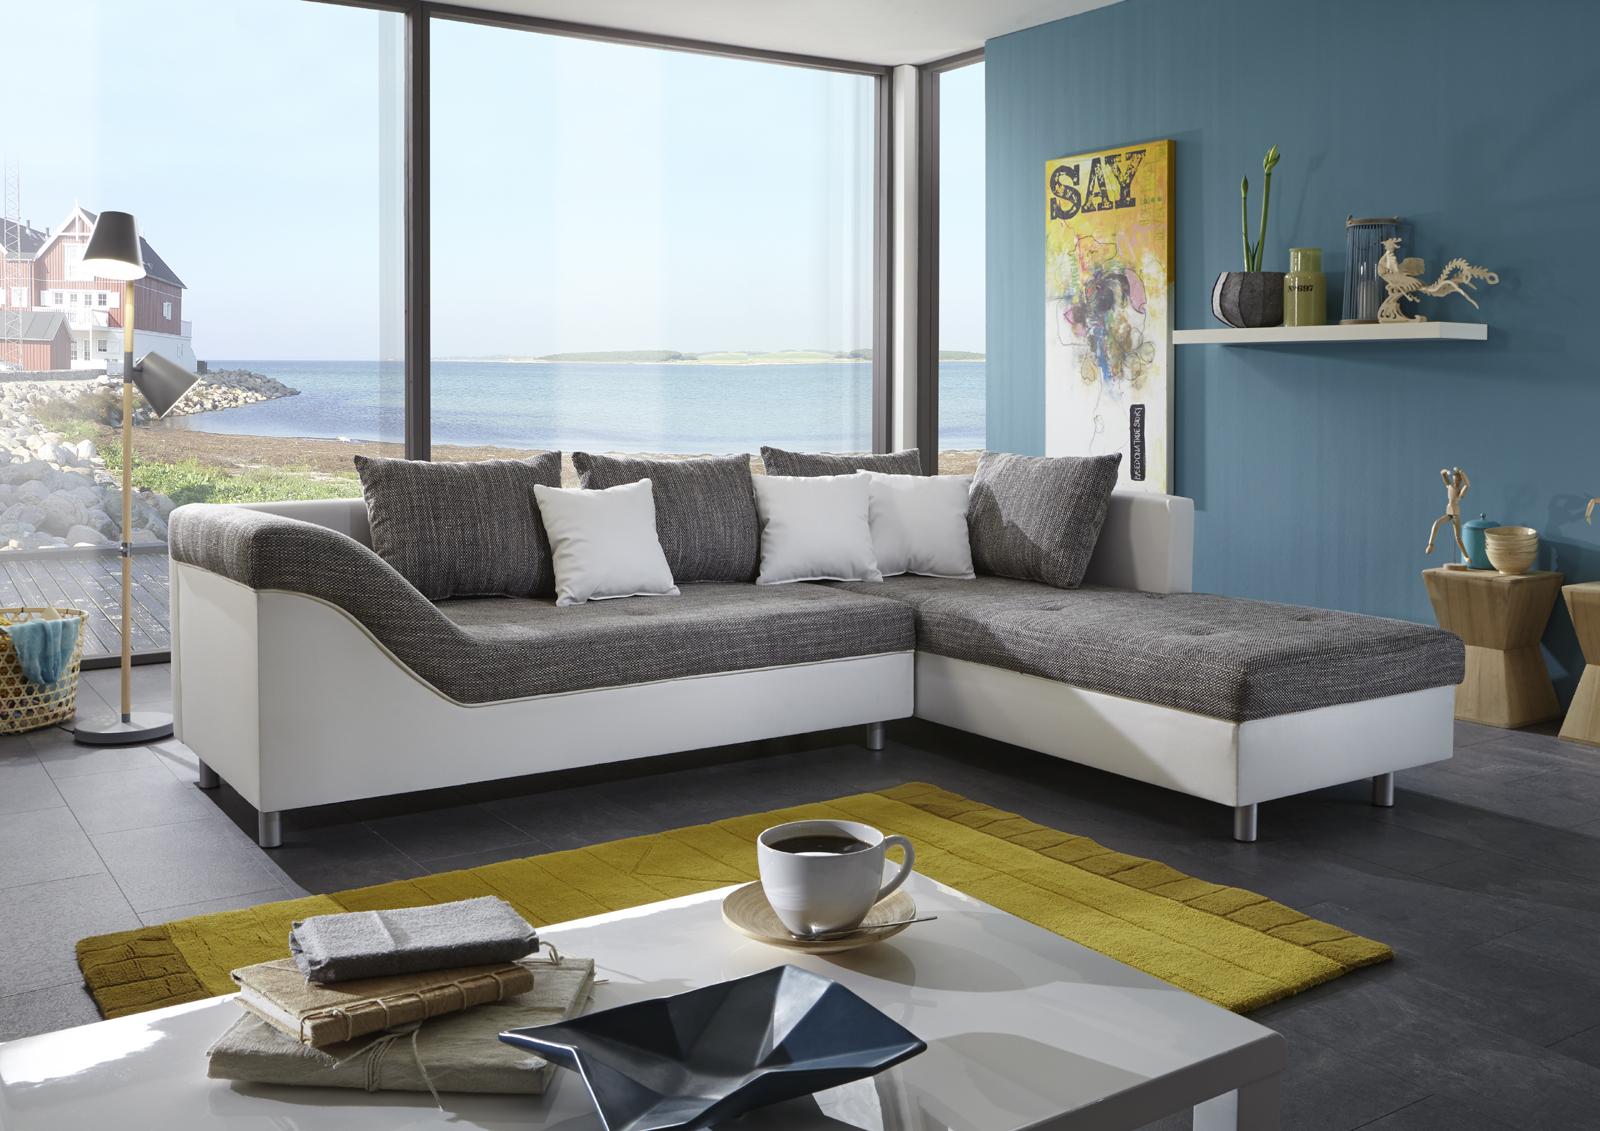 sam sofa grau wei ecksofa phil 261 x 204 cm. Black Bedroom Furniture Sets. Home Design Ideas